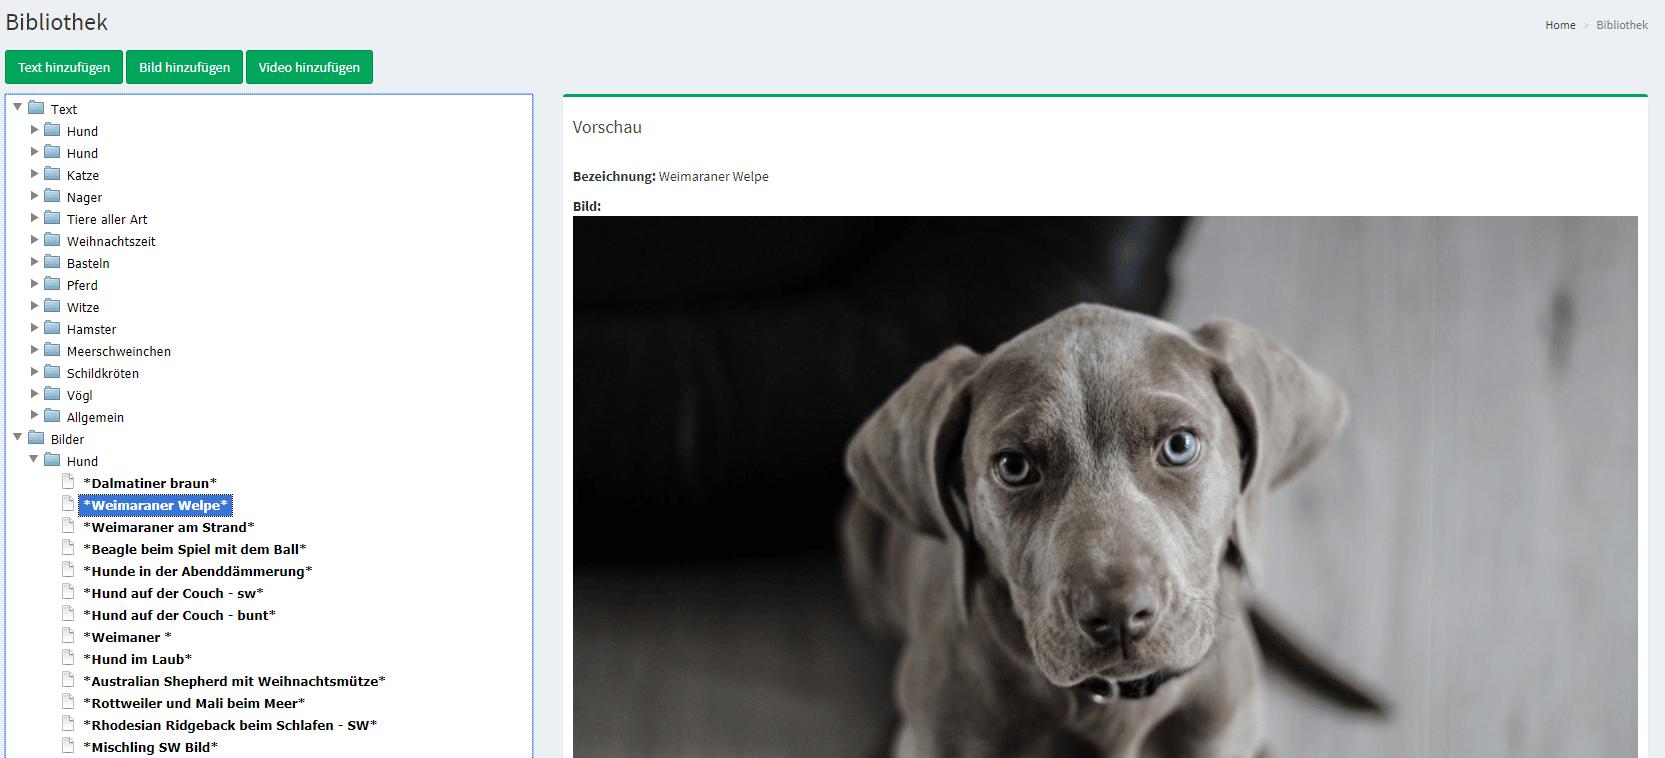 Newsletter direkt aus dem Tierarzt-Programm mit nur wenigen Klick erstellen, kein Problem mit VET7.well!